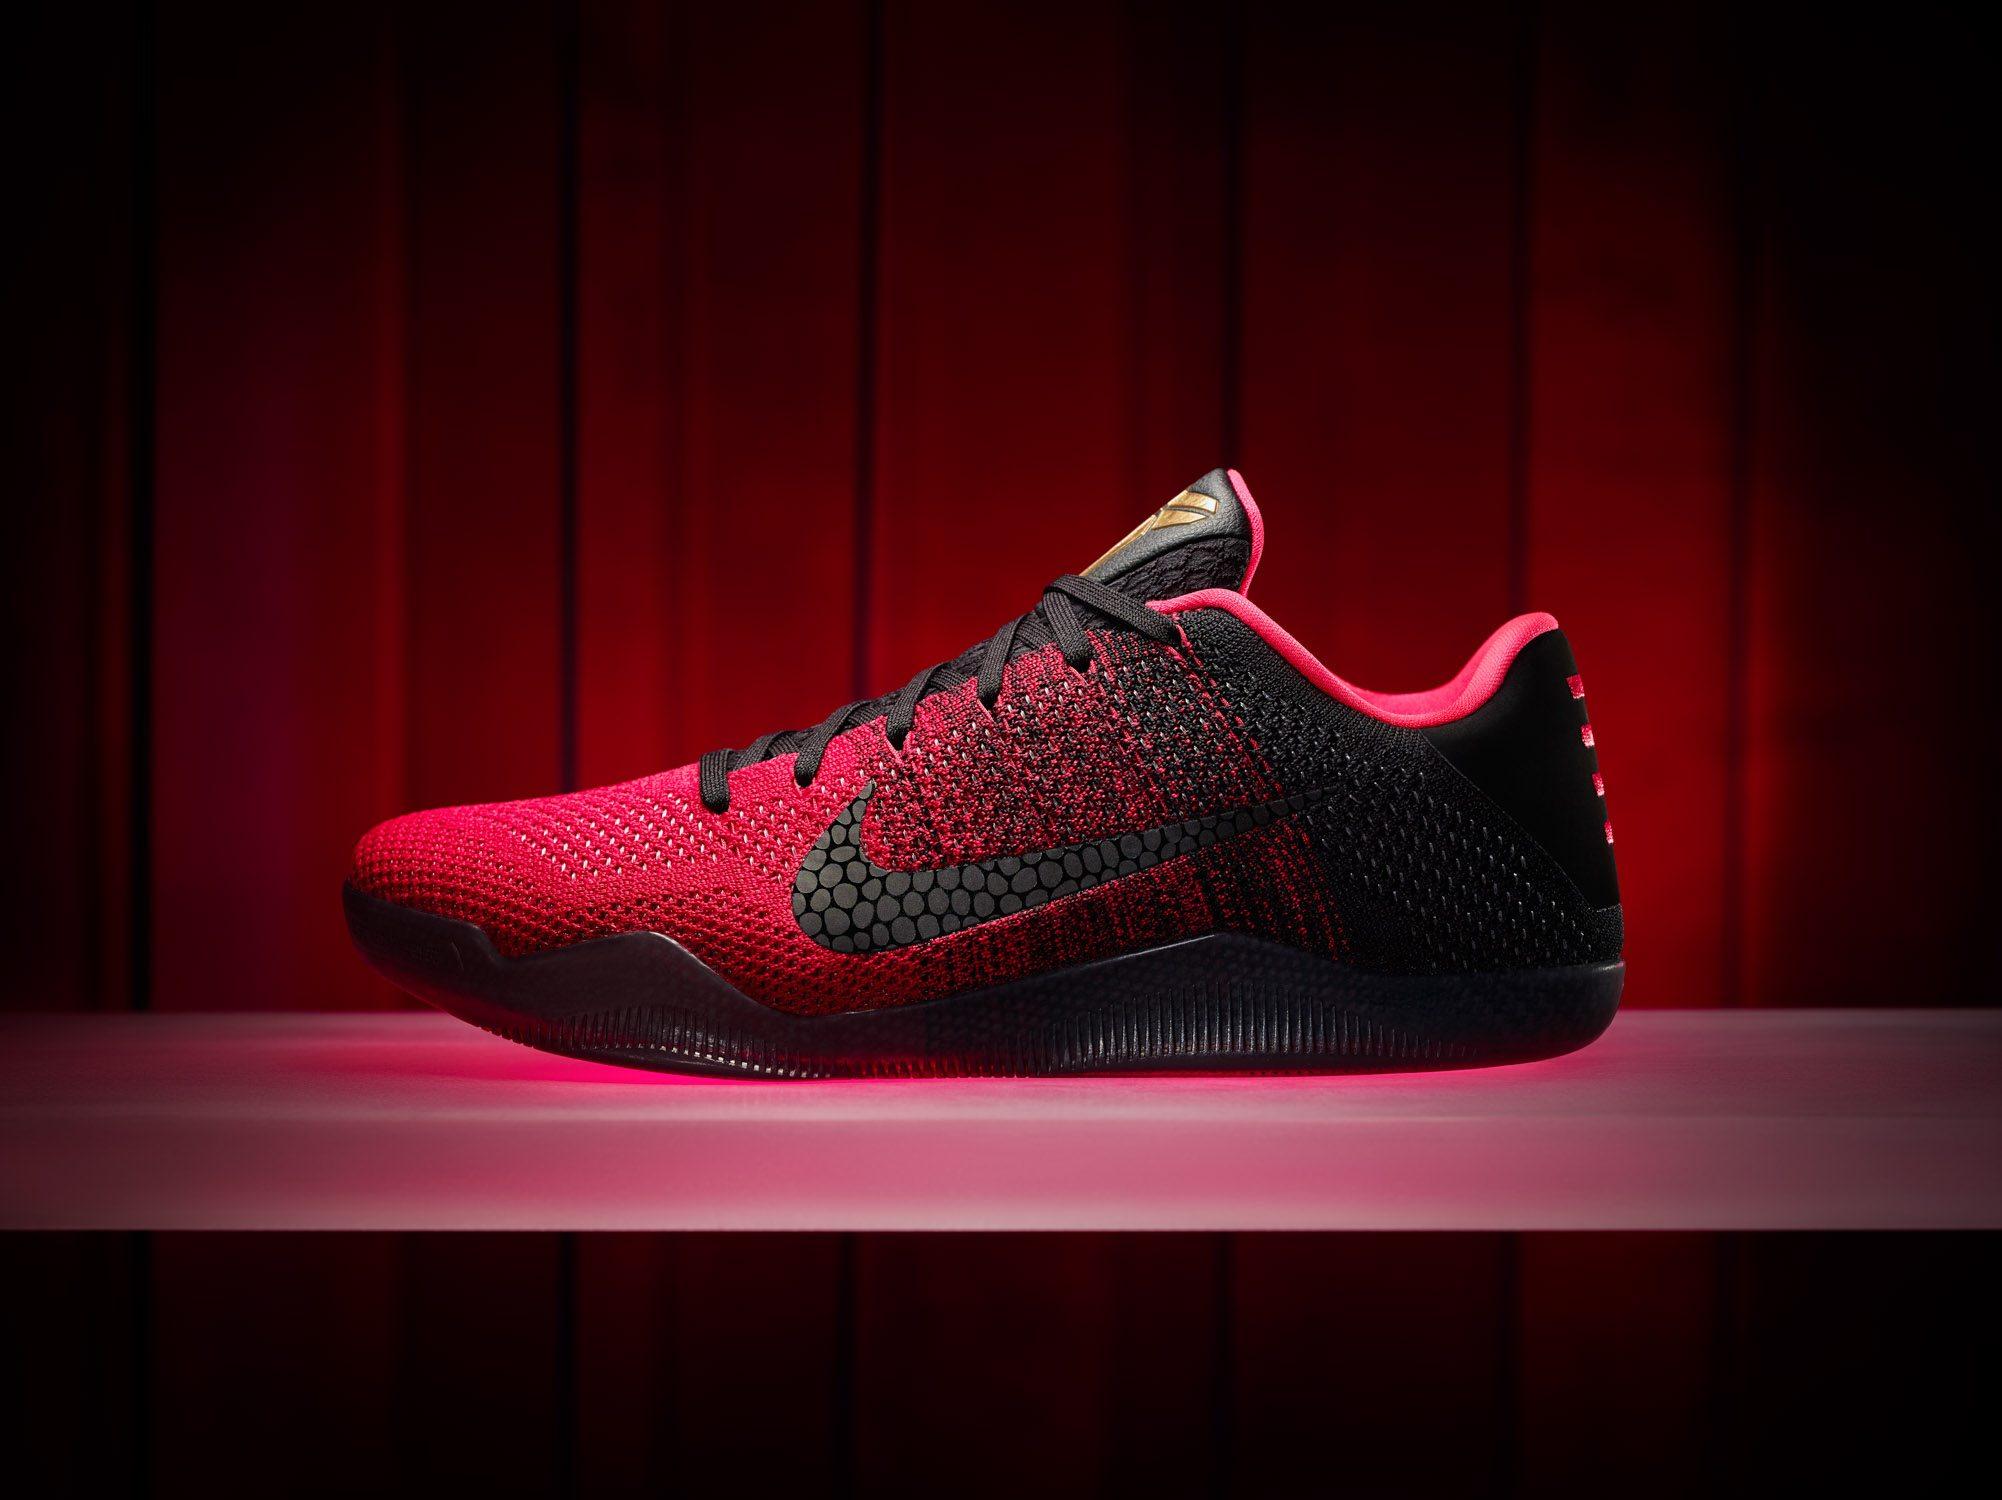 Nike KOBE 11 7